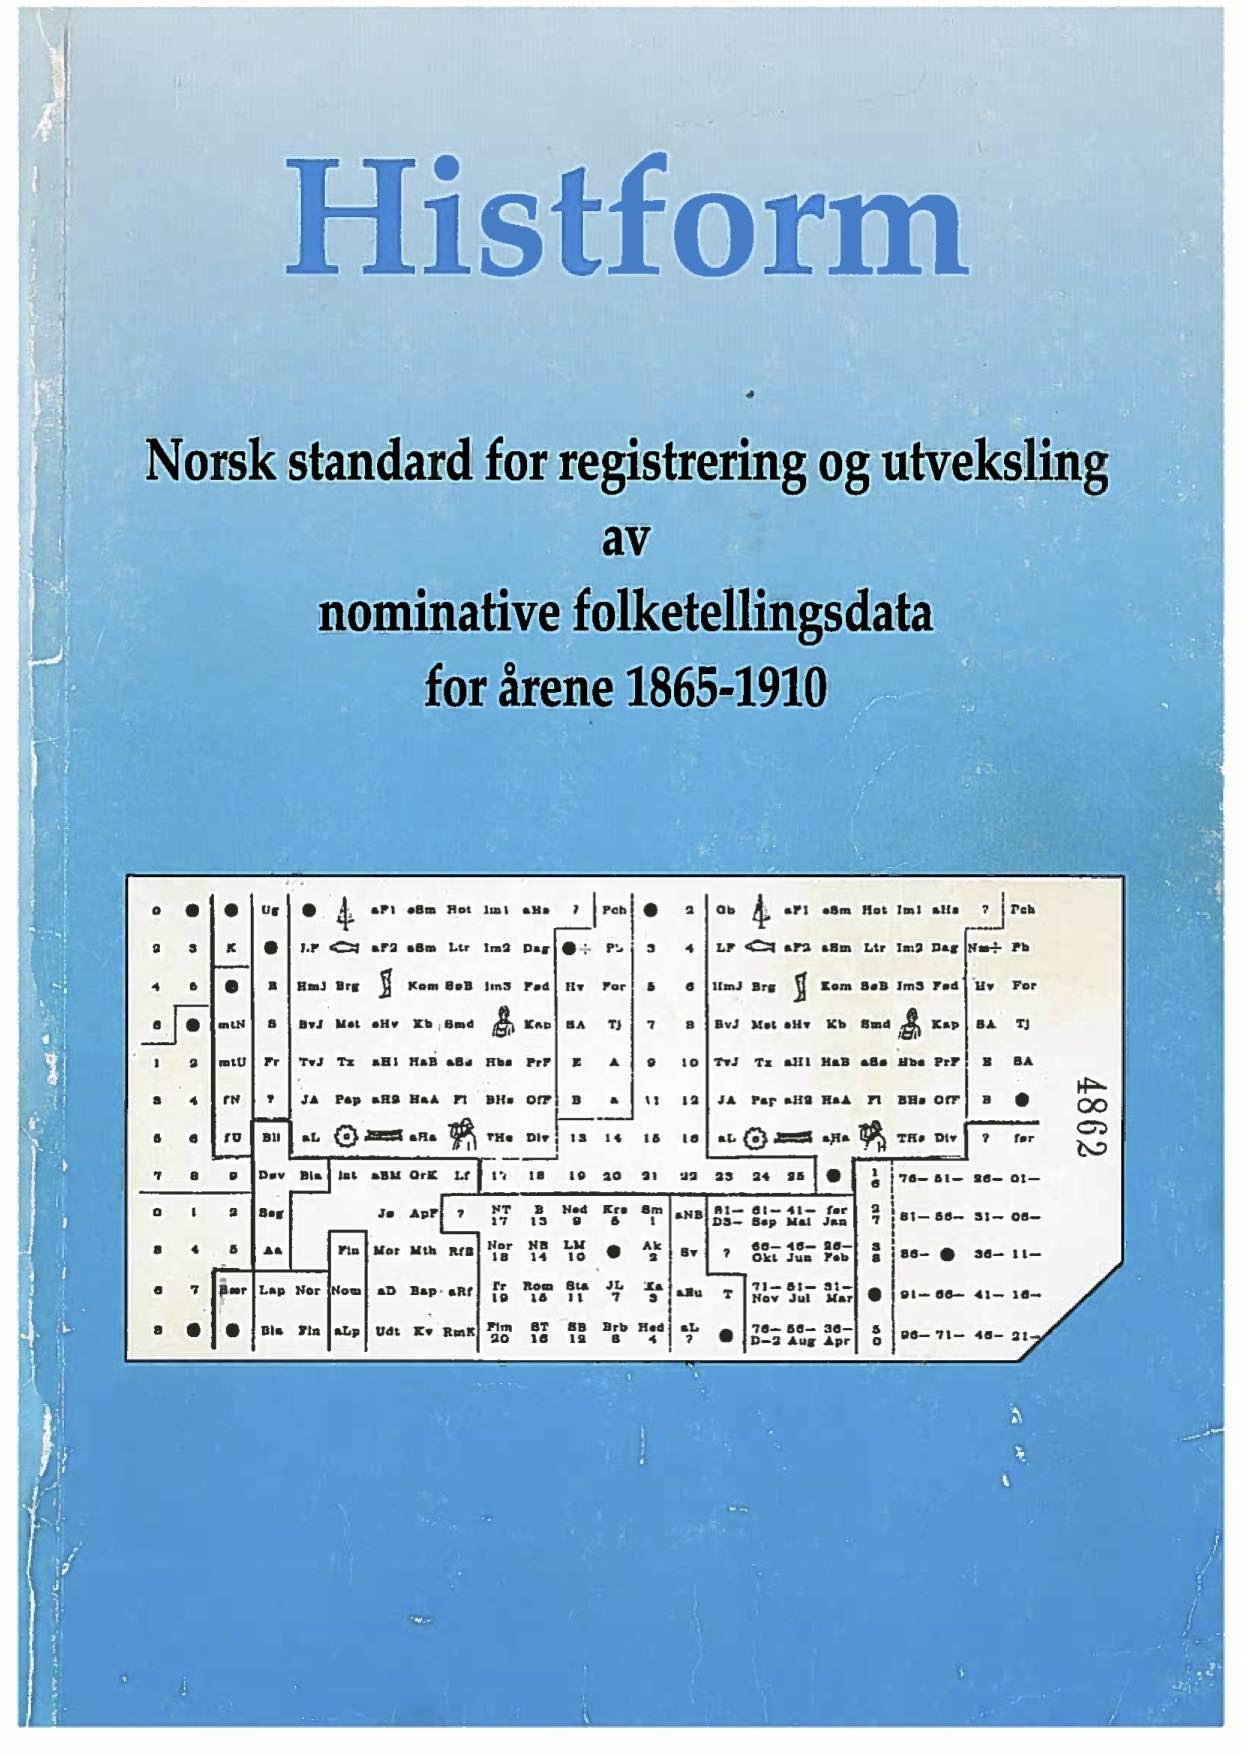 Forsiden til trykt utgave av Histform